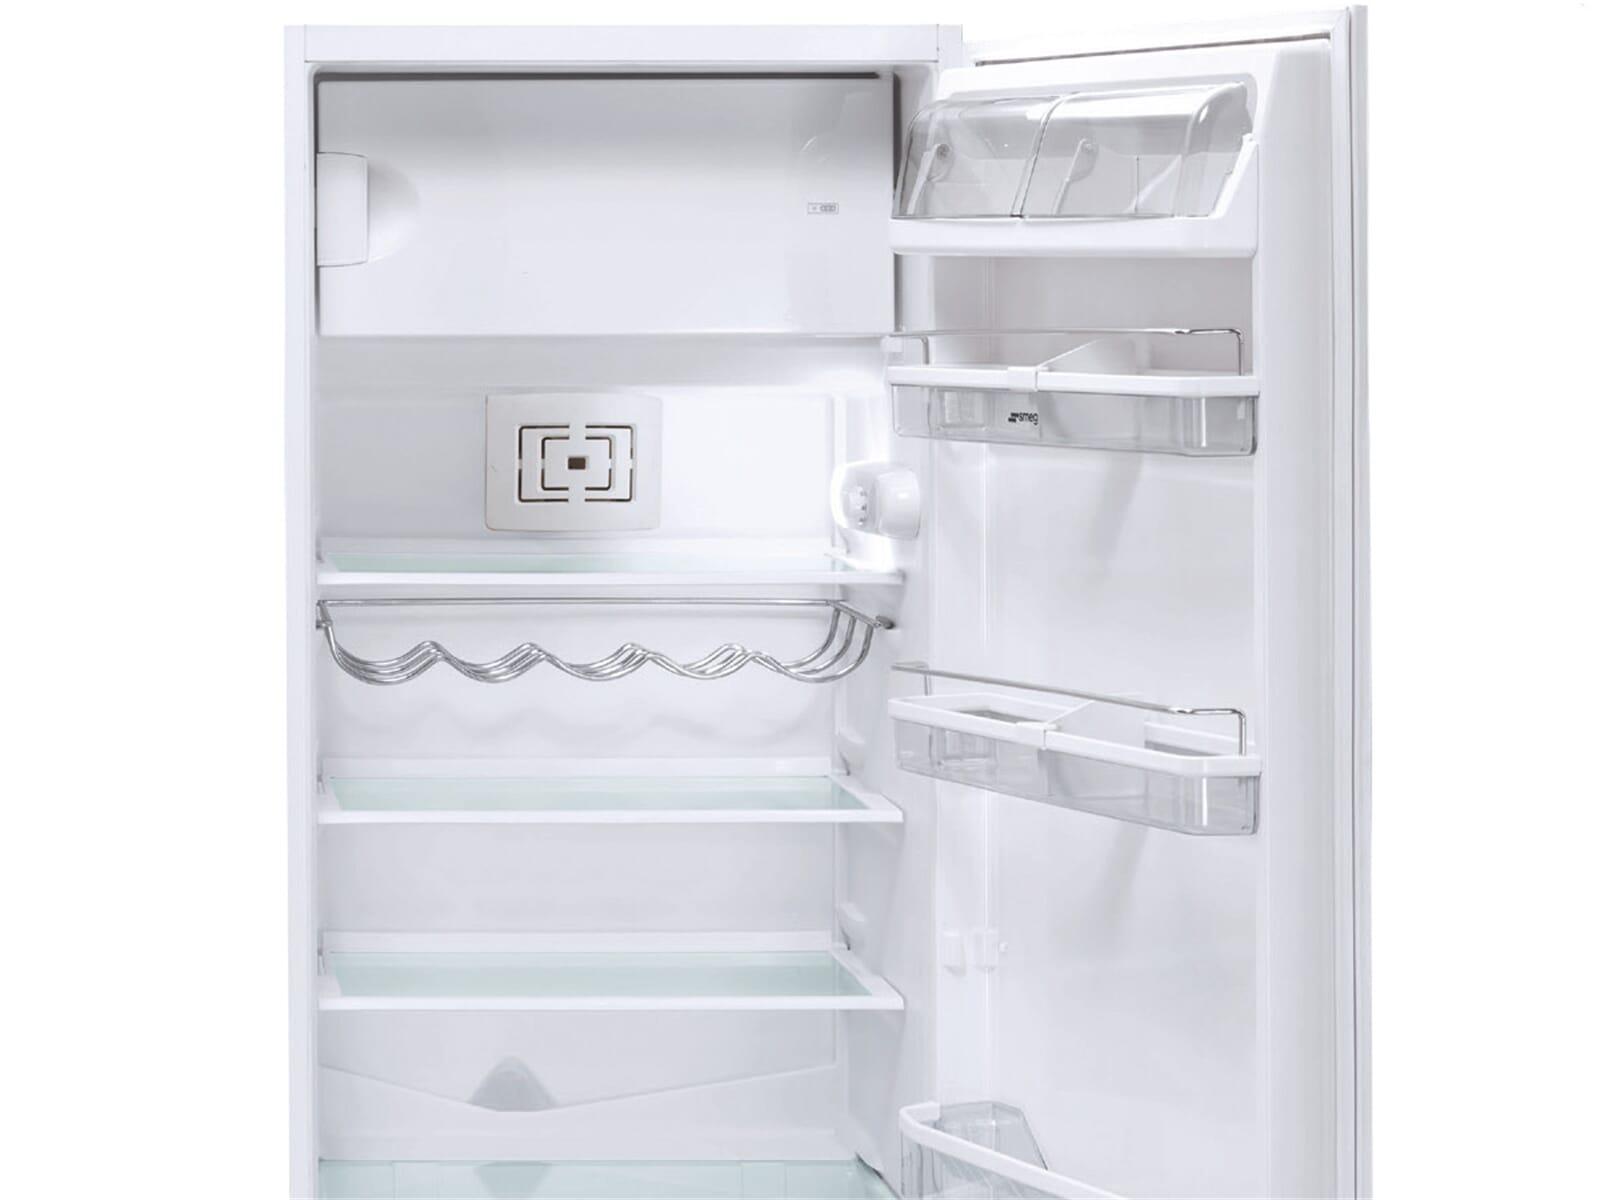 Smeg Kühlschrank Gold : Smeg kühlschrank gold grosse khlschrnke ohne gefrierfach fabulous